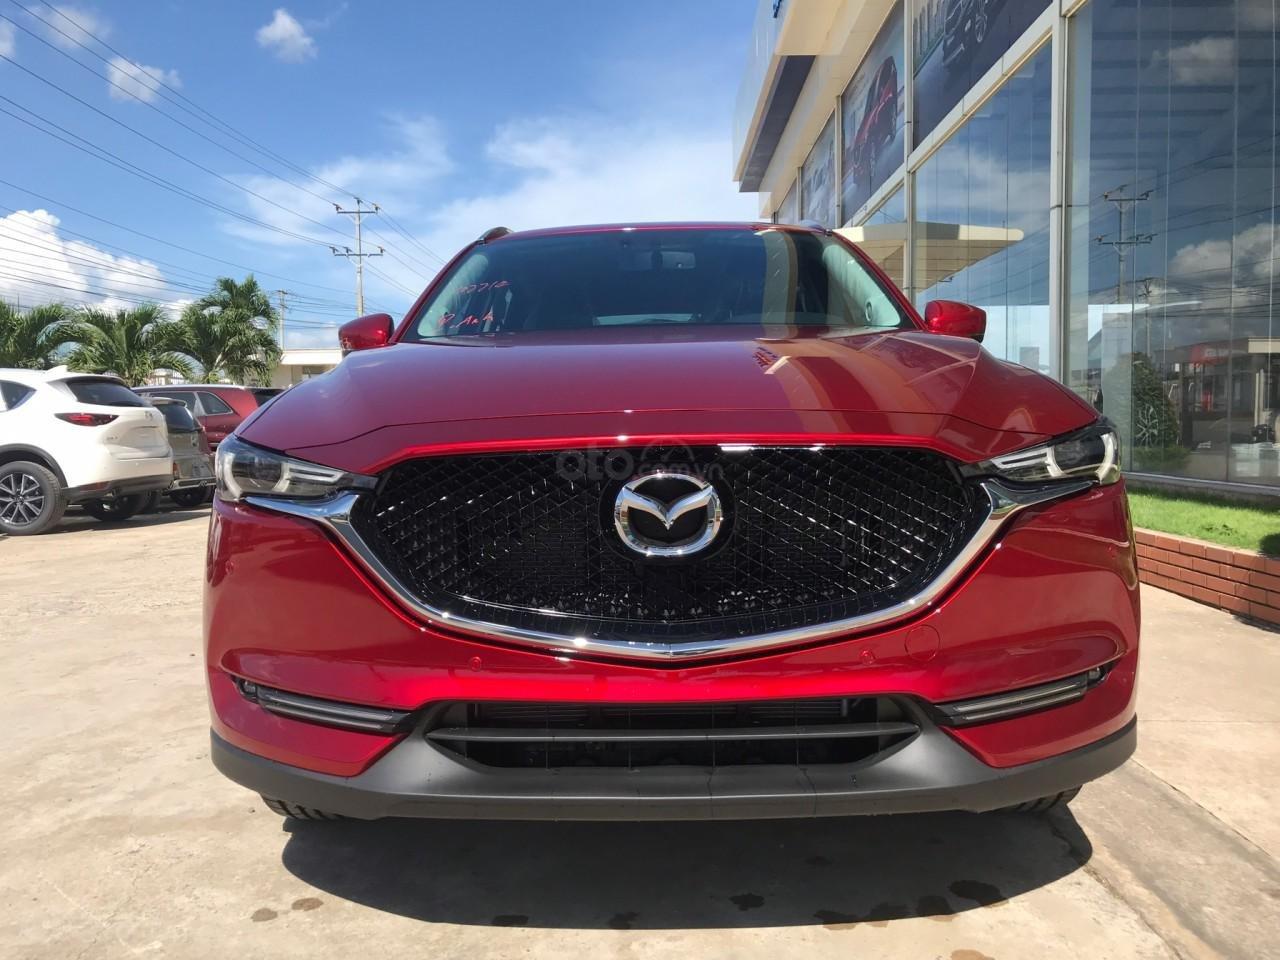 Bán xe Mazda CX5 2019 ưu đãi tốt trong tháng, LH: 0938 906 560 Mr. Giang (1)